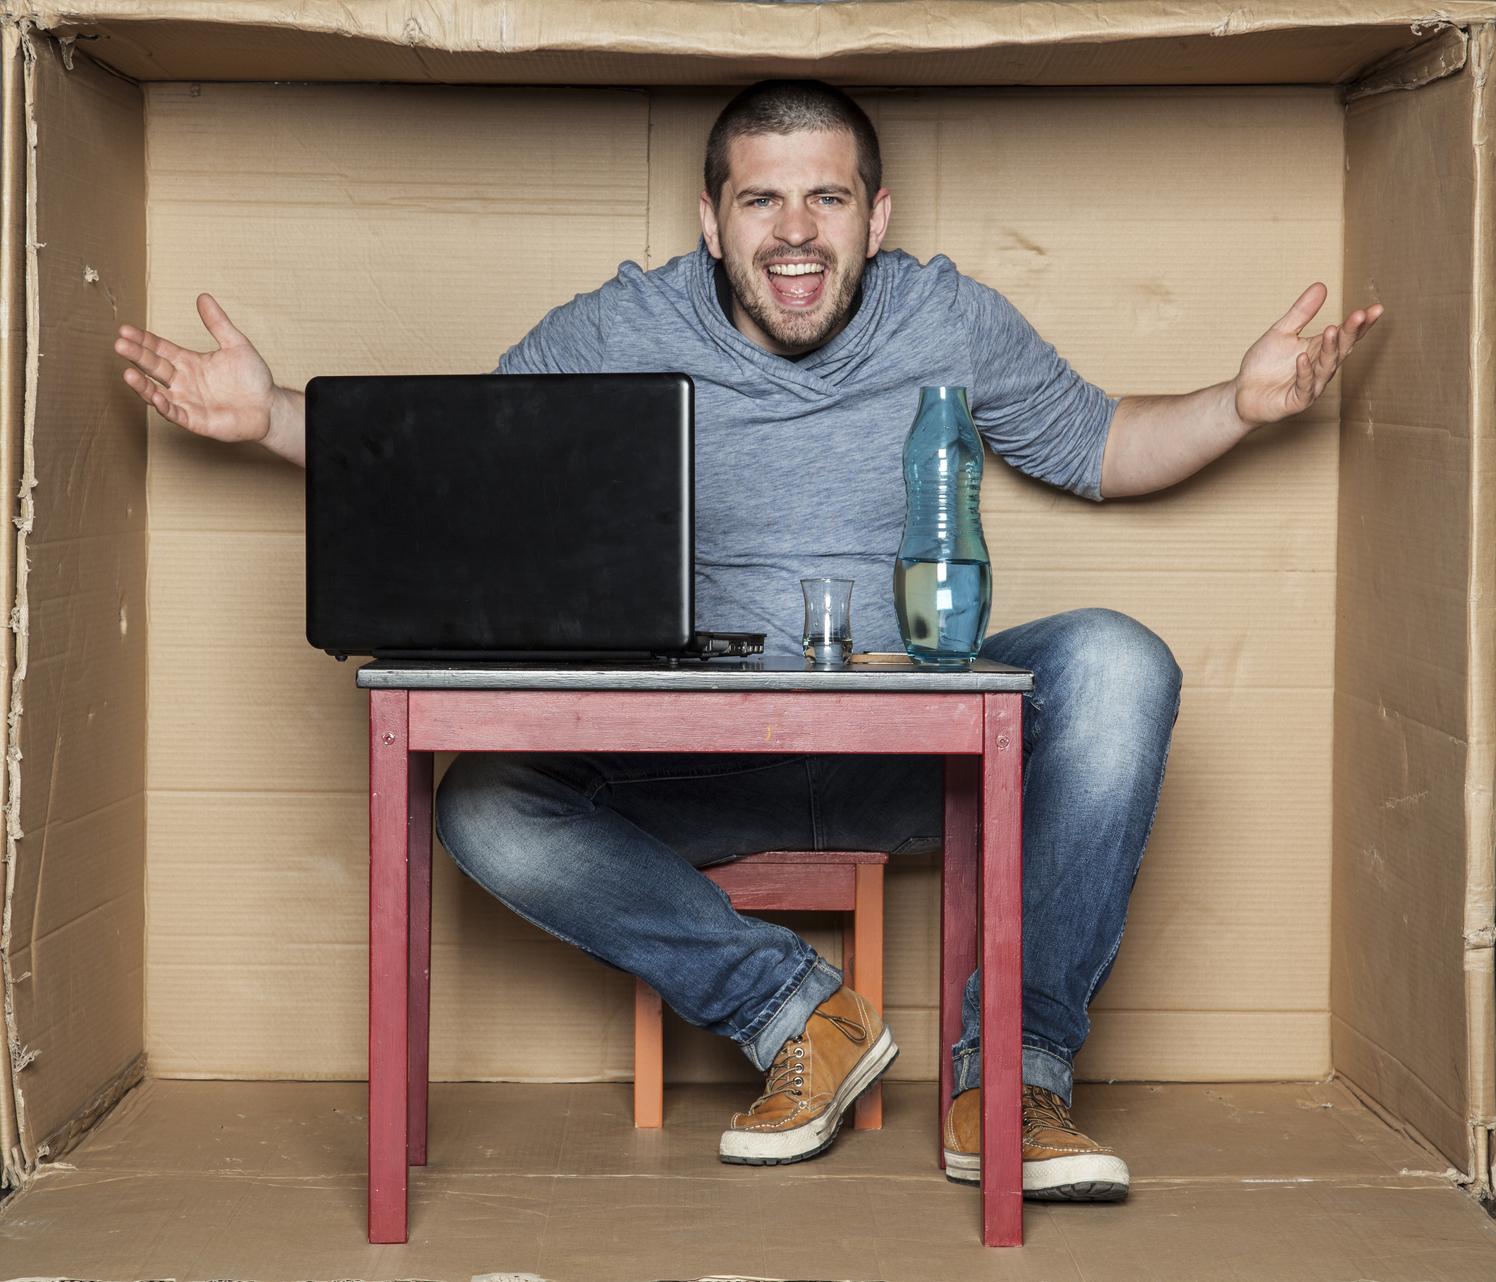 wenn wohnen in hochschulst dten zu teuer wird dies ist. Black Bedroom Furniture Sets. Home Design Ideas